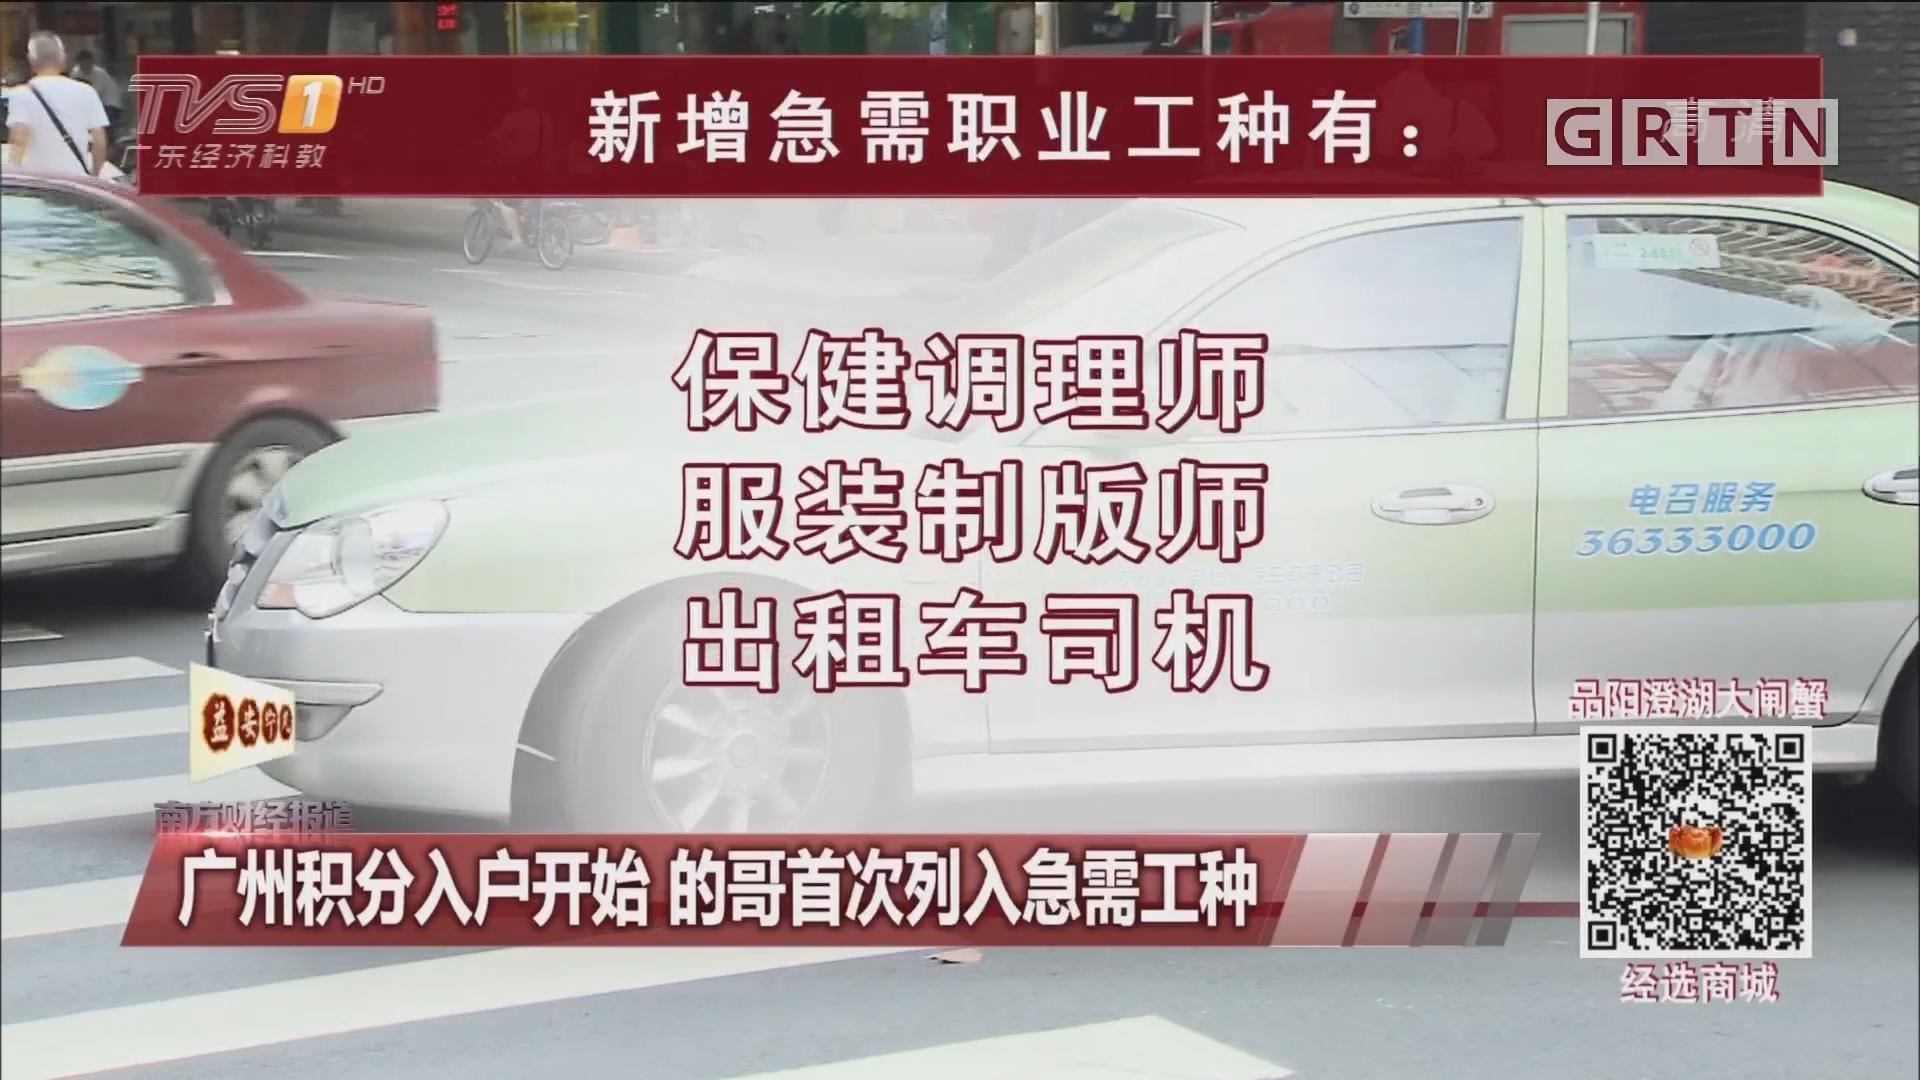 广州积分入户开始 的哥首次列入急需工种